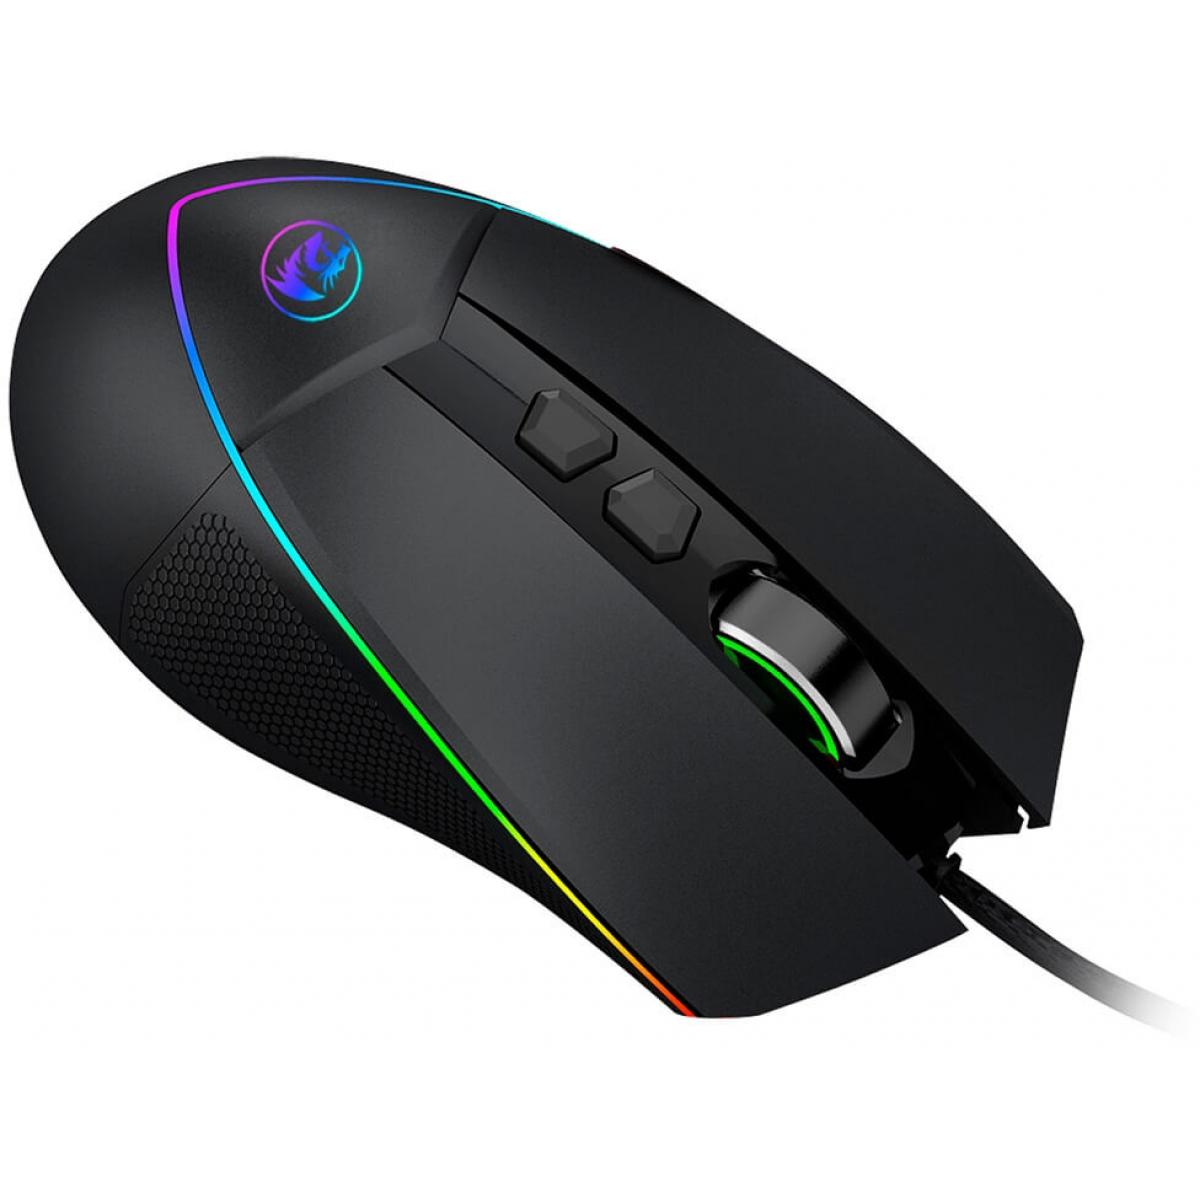 Mouse Gamer Redragon Emperor Chroma M909 RGB, 12400 DPI, 7 Botões Programáveis, Black